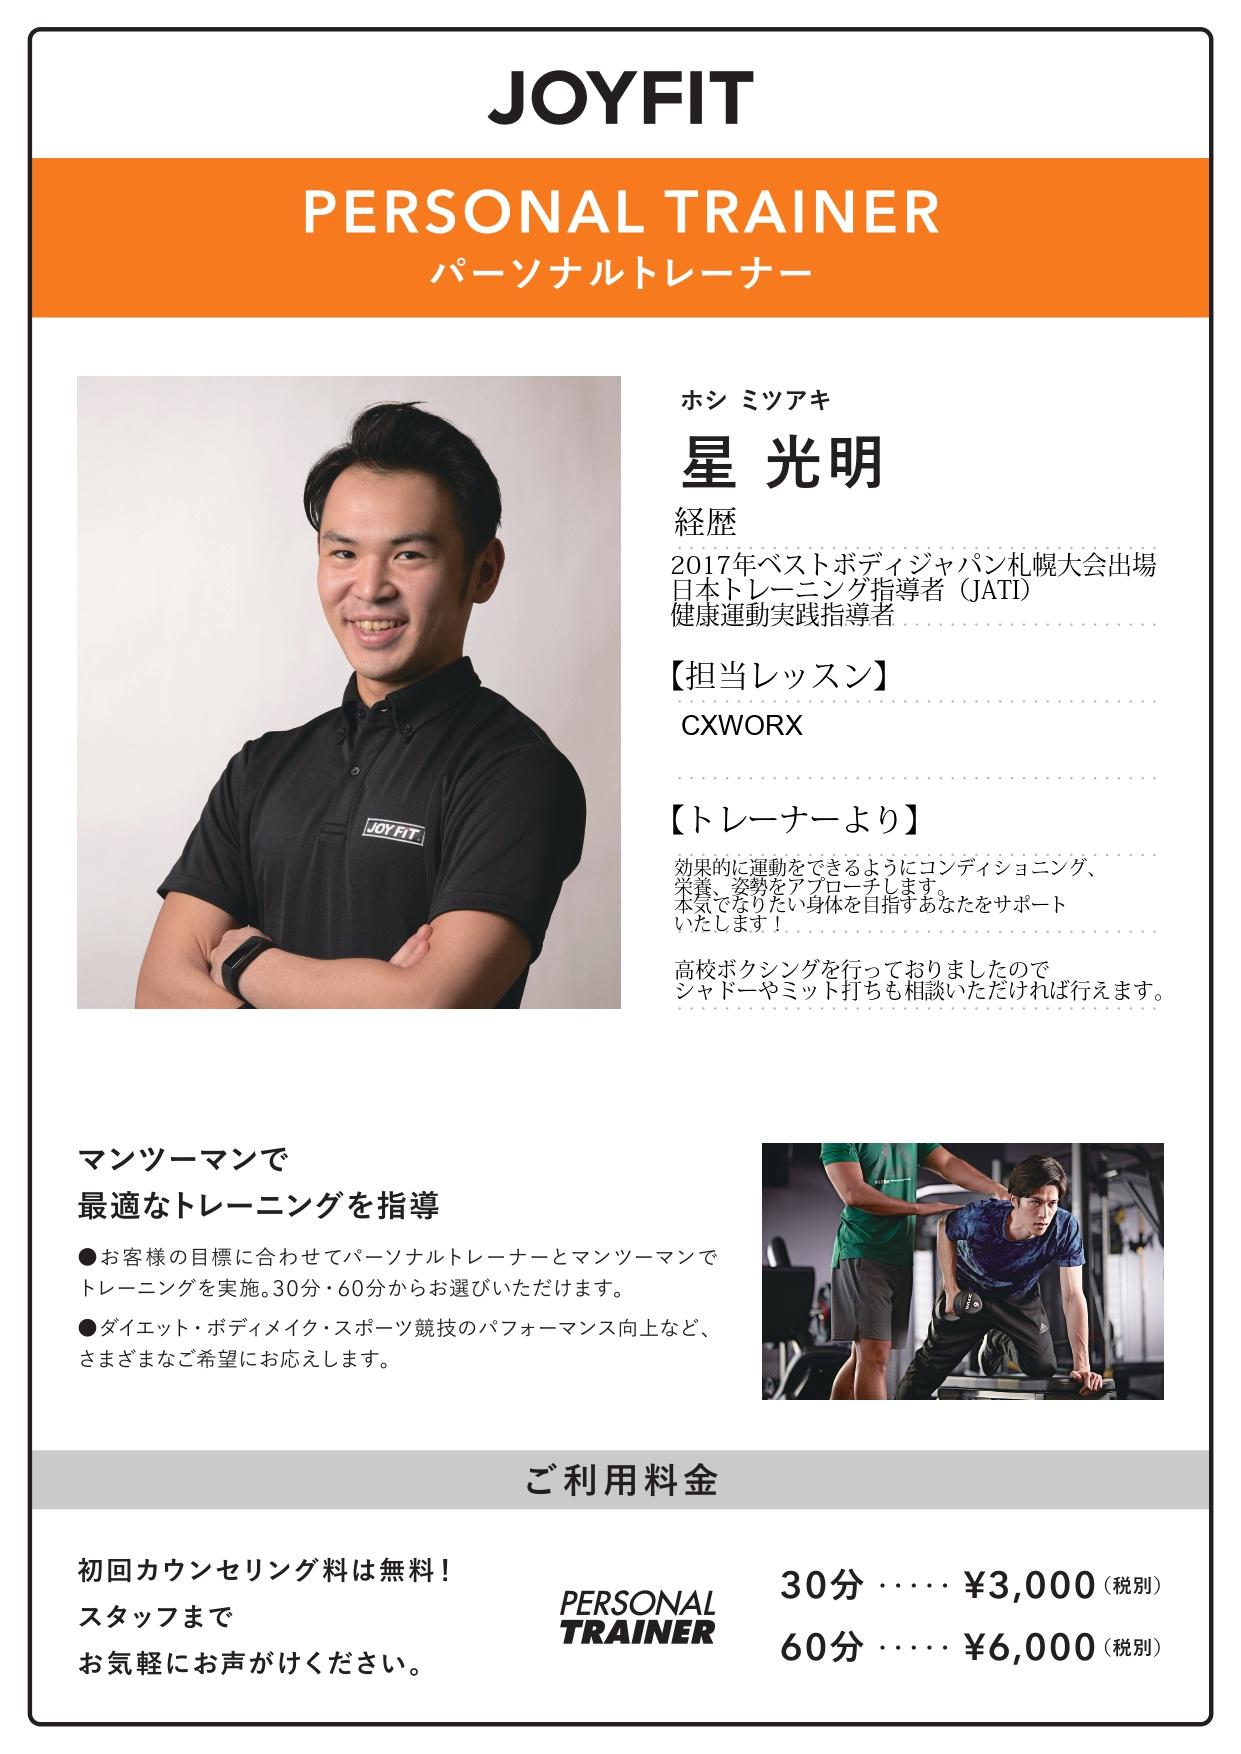 24化10月ポスティング9月30日_page-0001